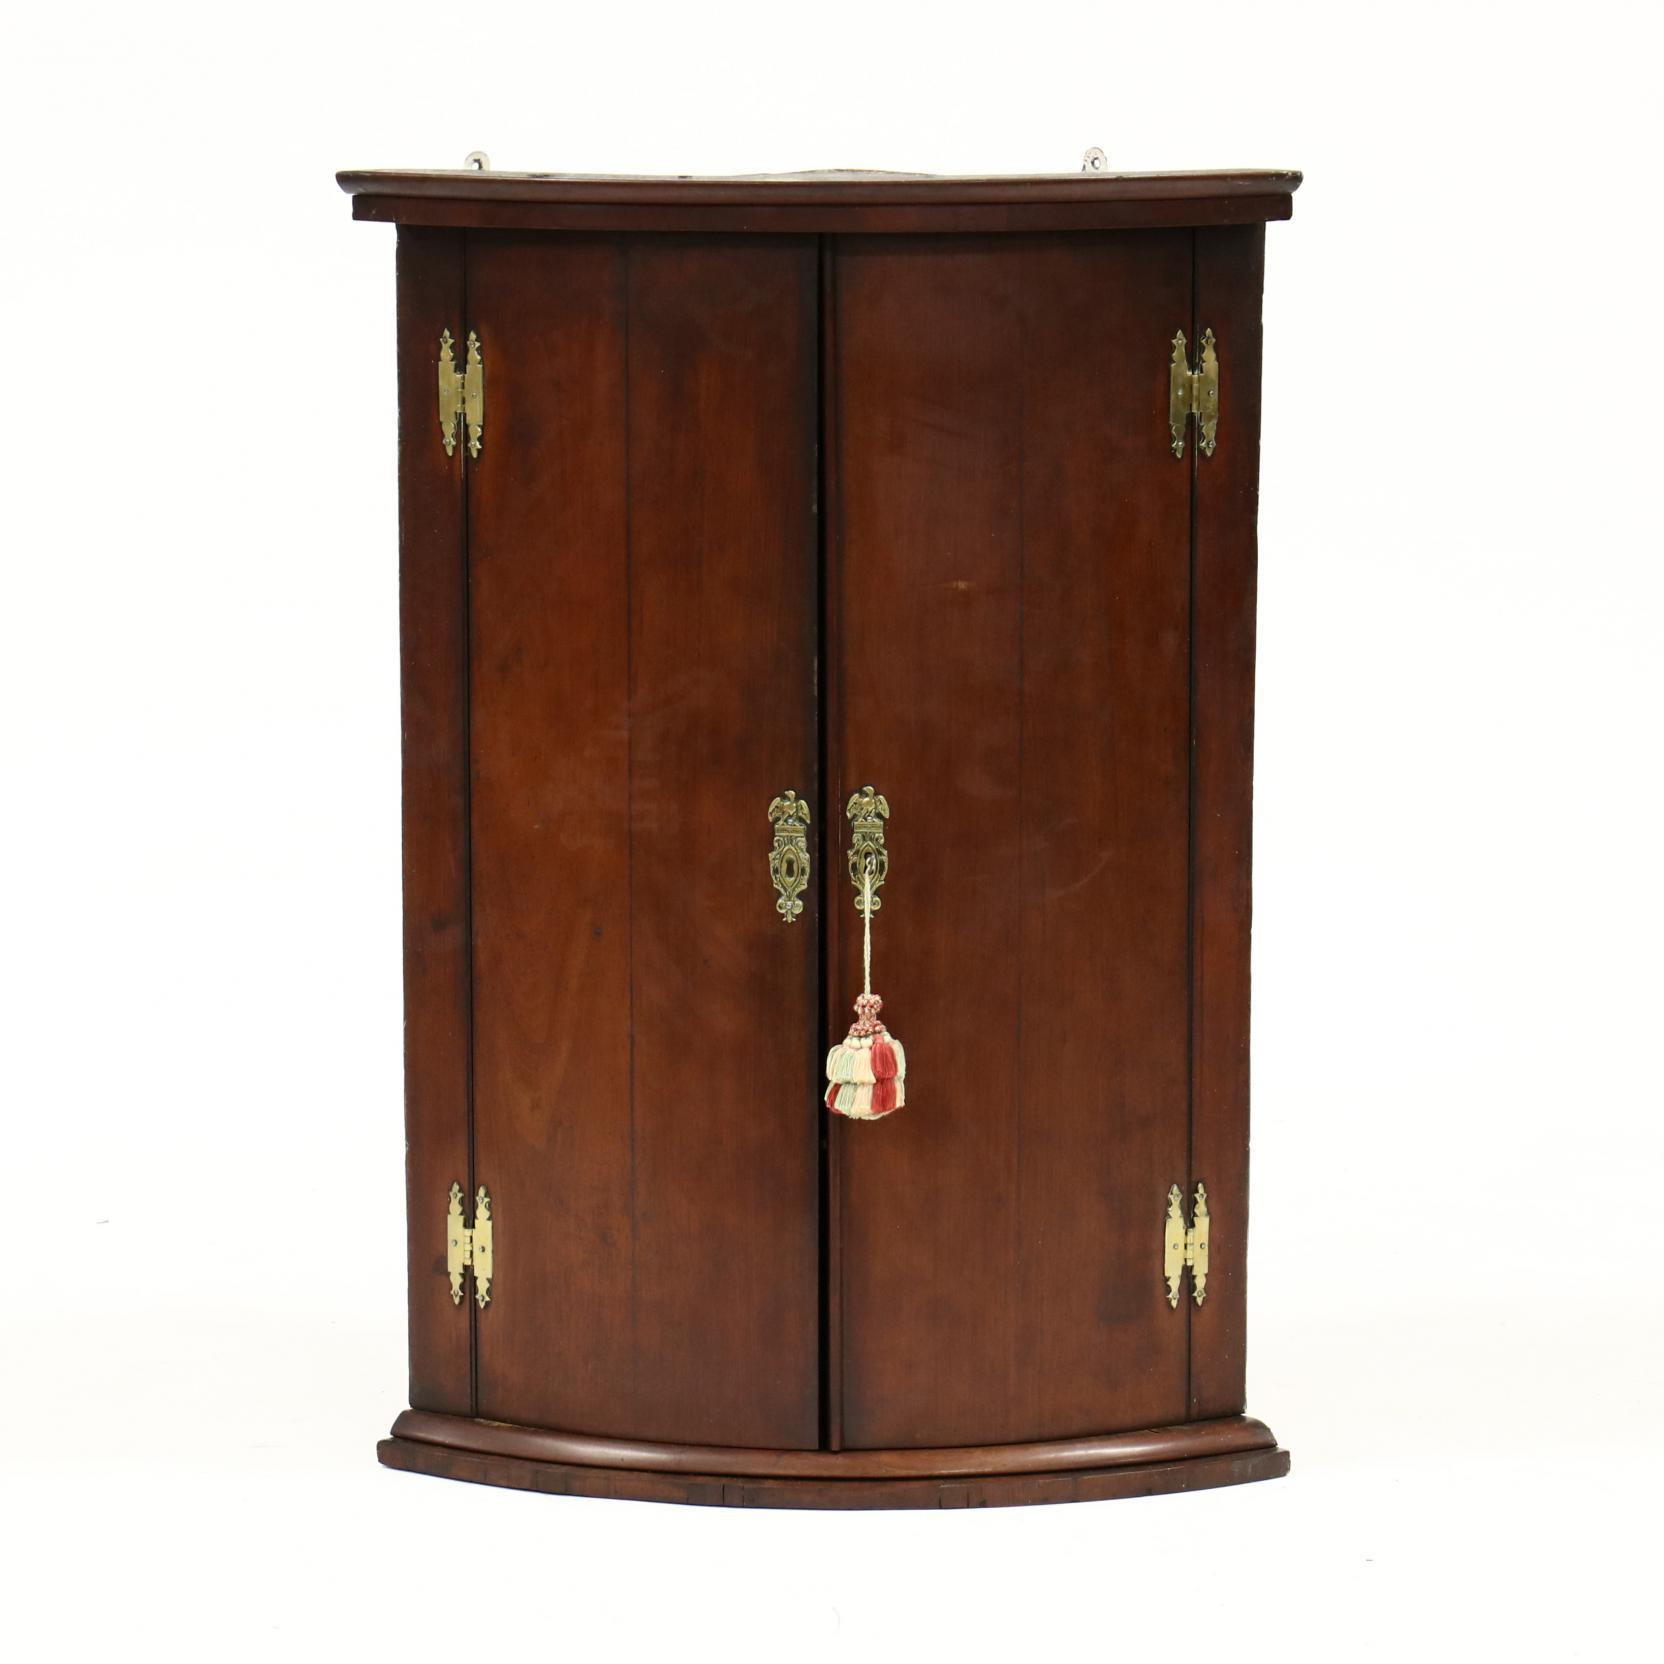 george-iii-mahogany-hanging-corner-cupboard